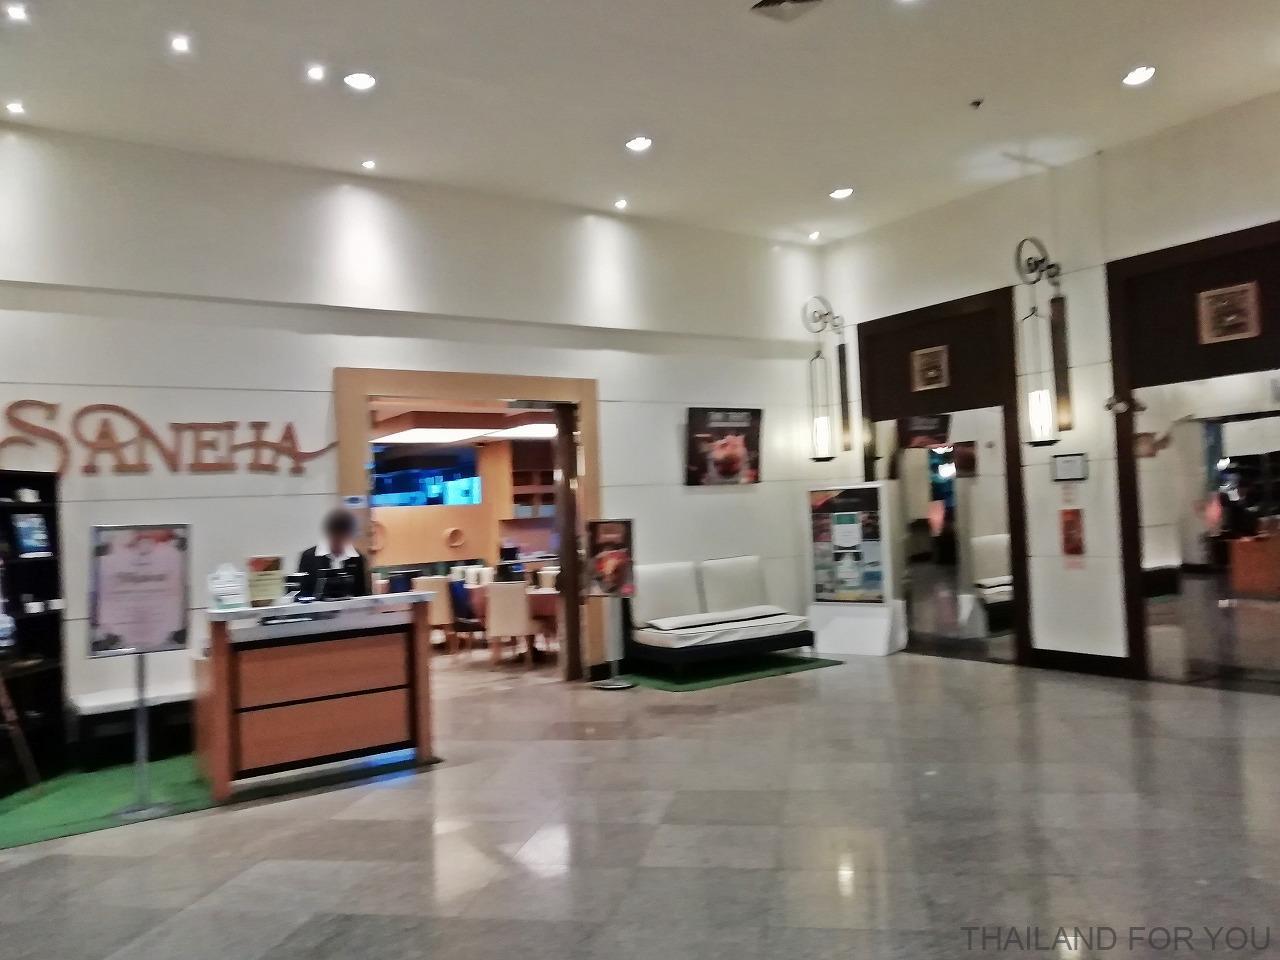 センタラホテル ハジャイ